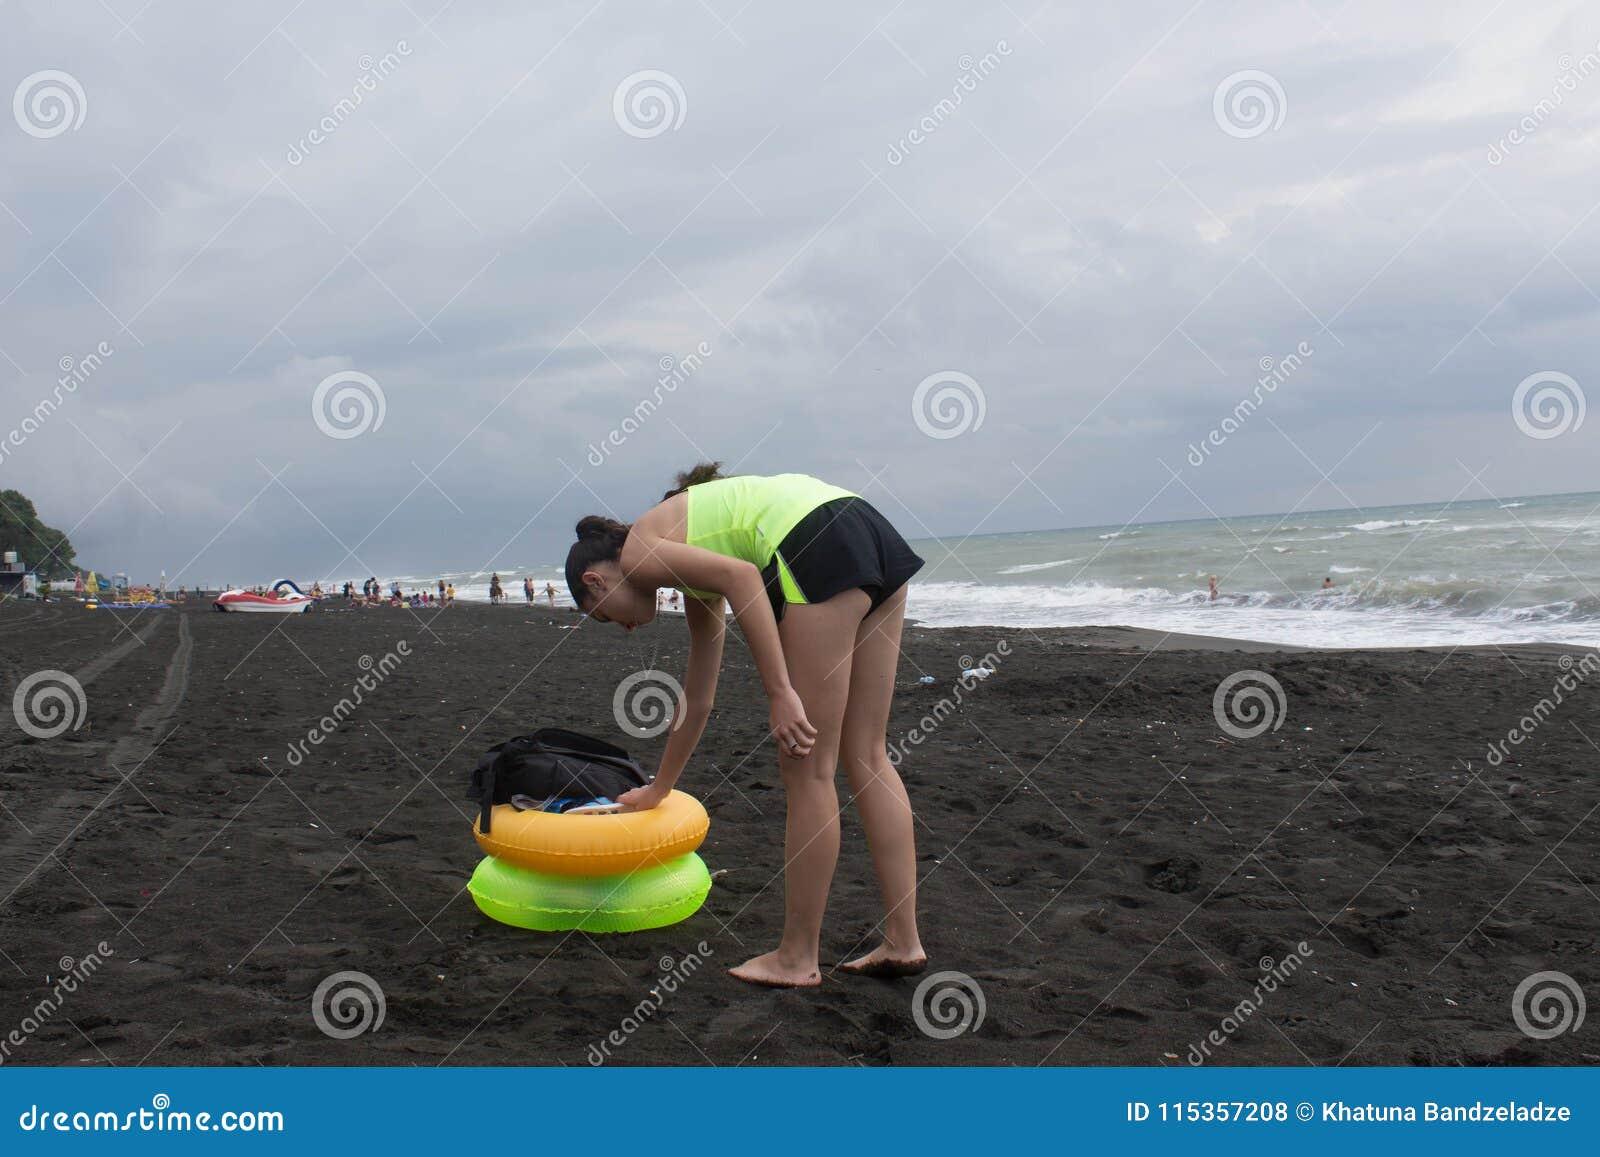 La fille et le jaune, anneau de flottement vert sur la plage, croisement, nuages, ondule